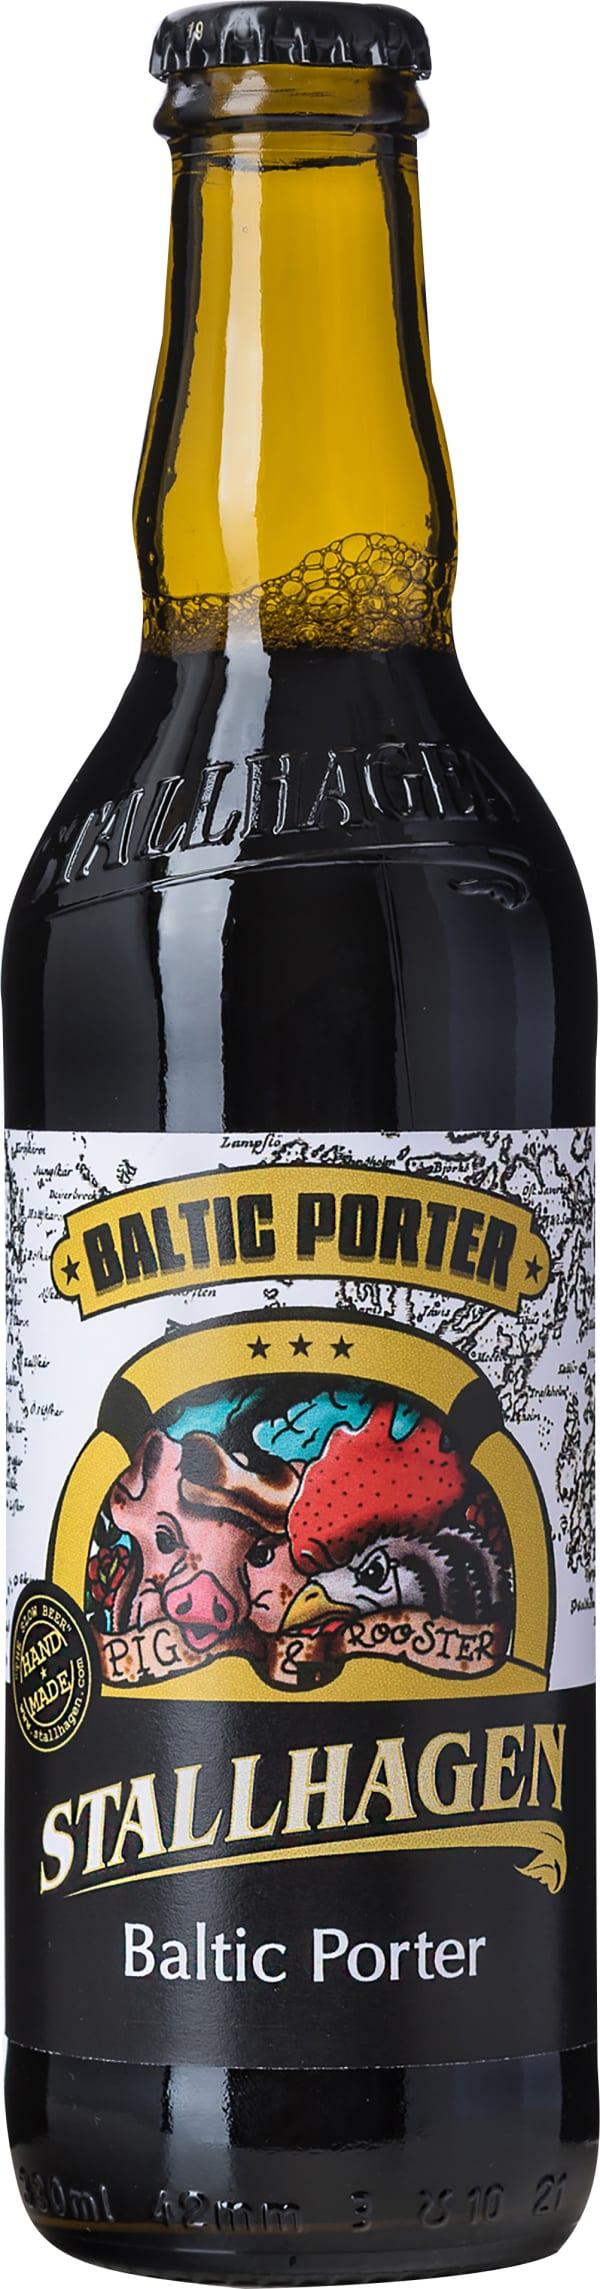 Stallhagen Baltic Porter